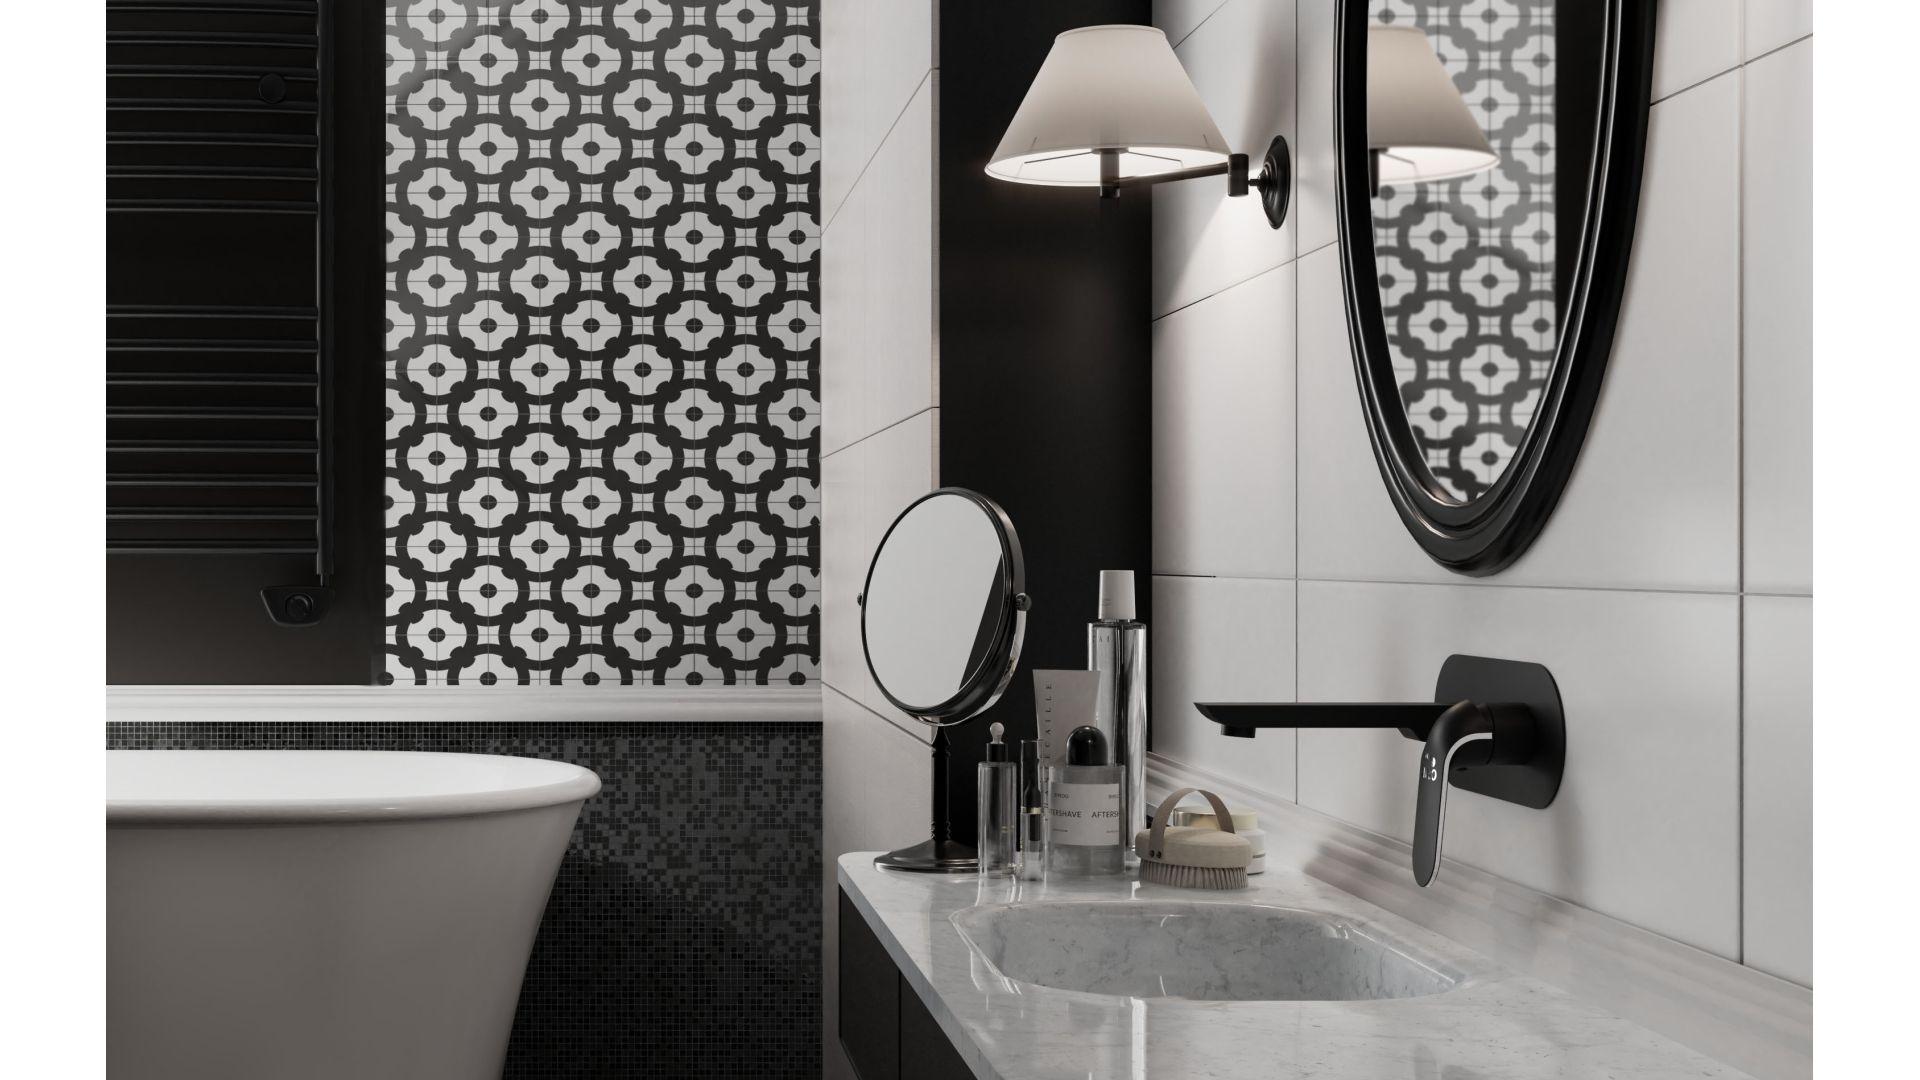 Seria armatury łazienkowej Zorita/Laveo. Produkt zgłoszony do konkursu Dobry Design 2020.